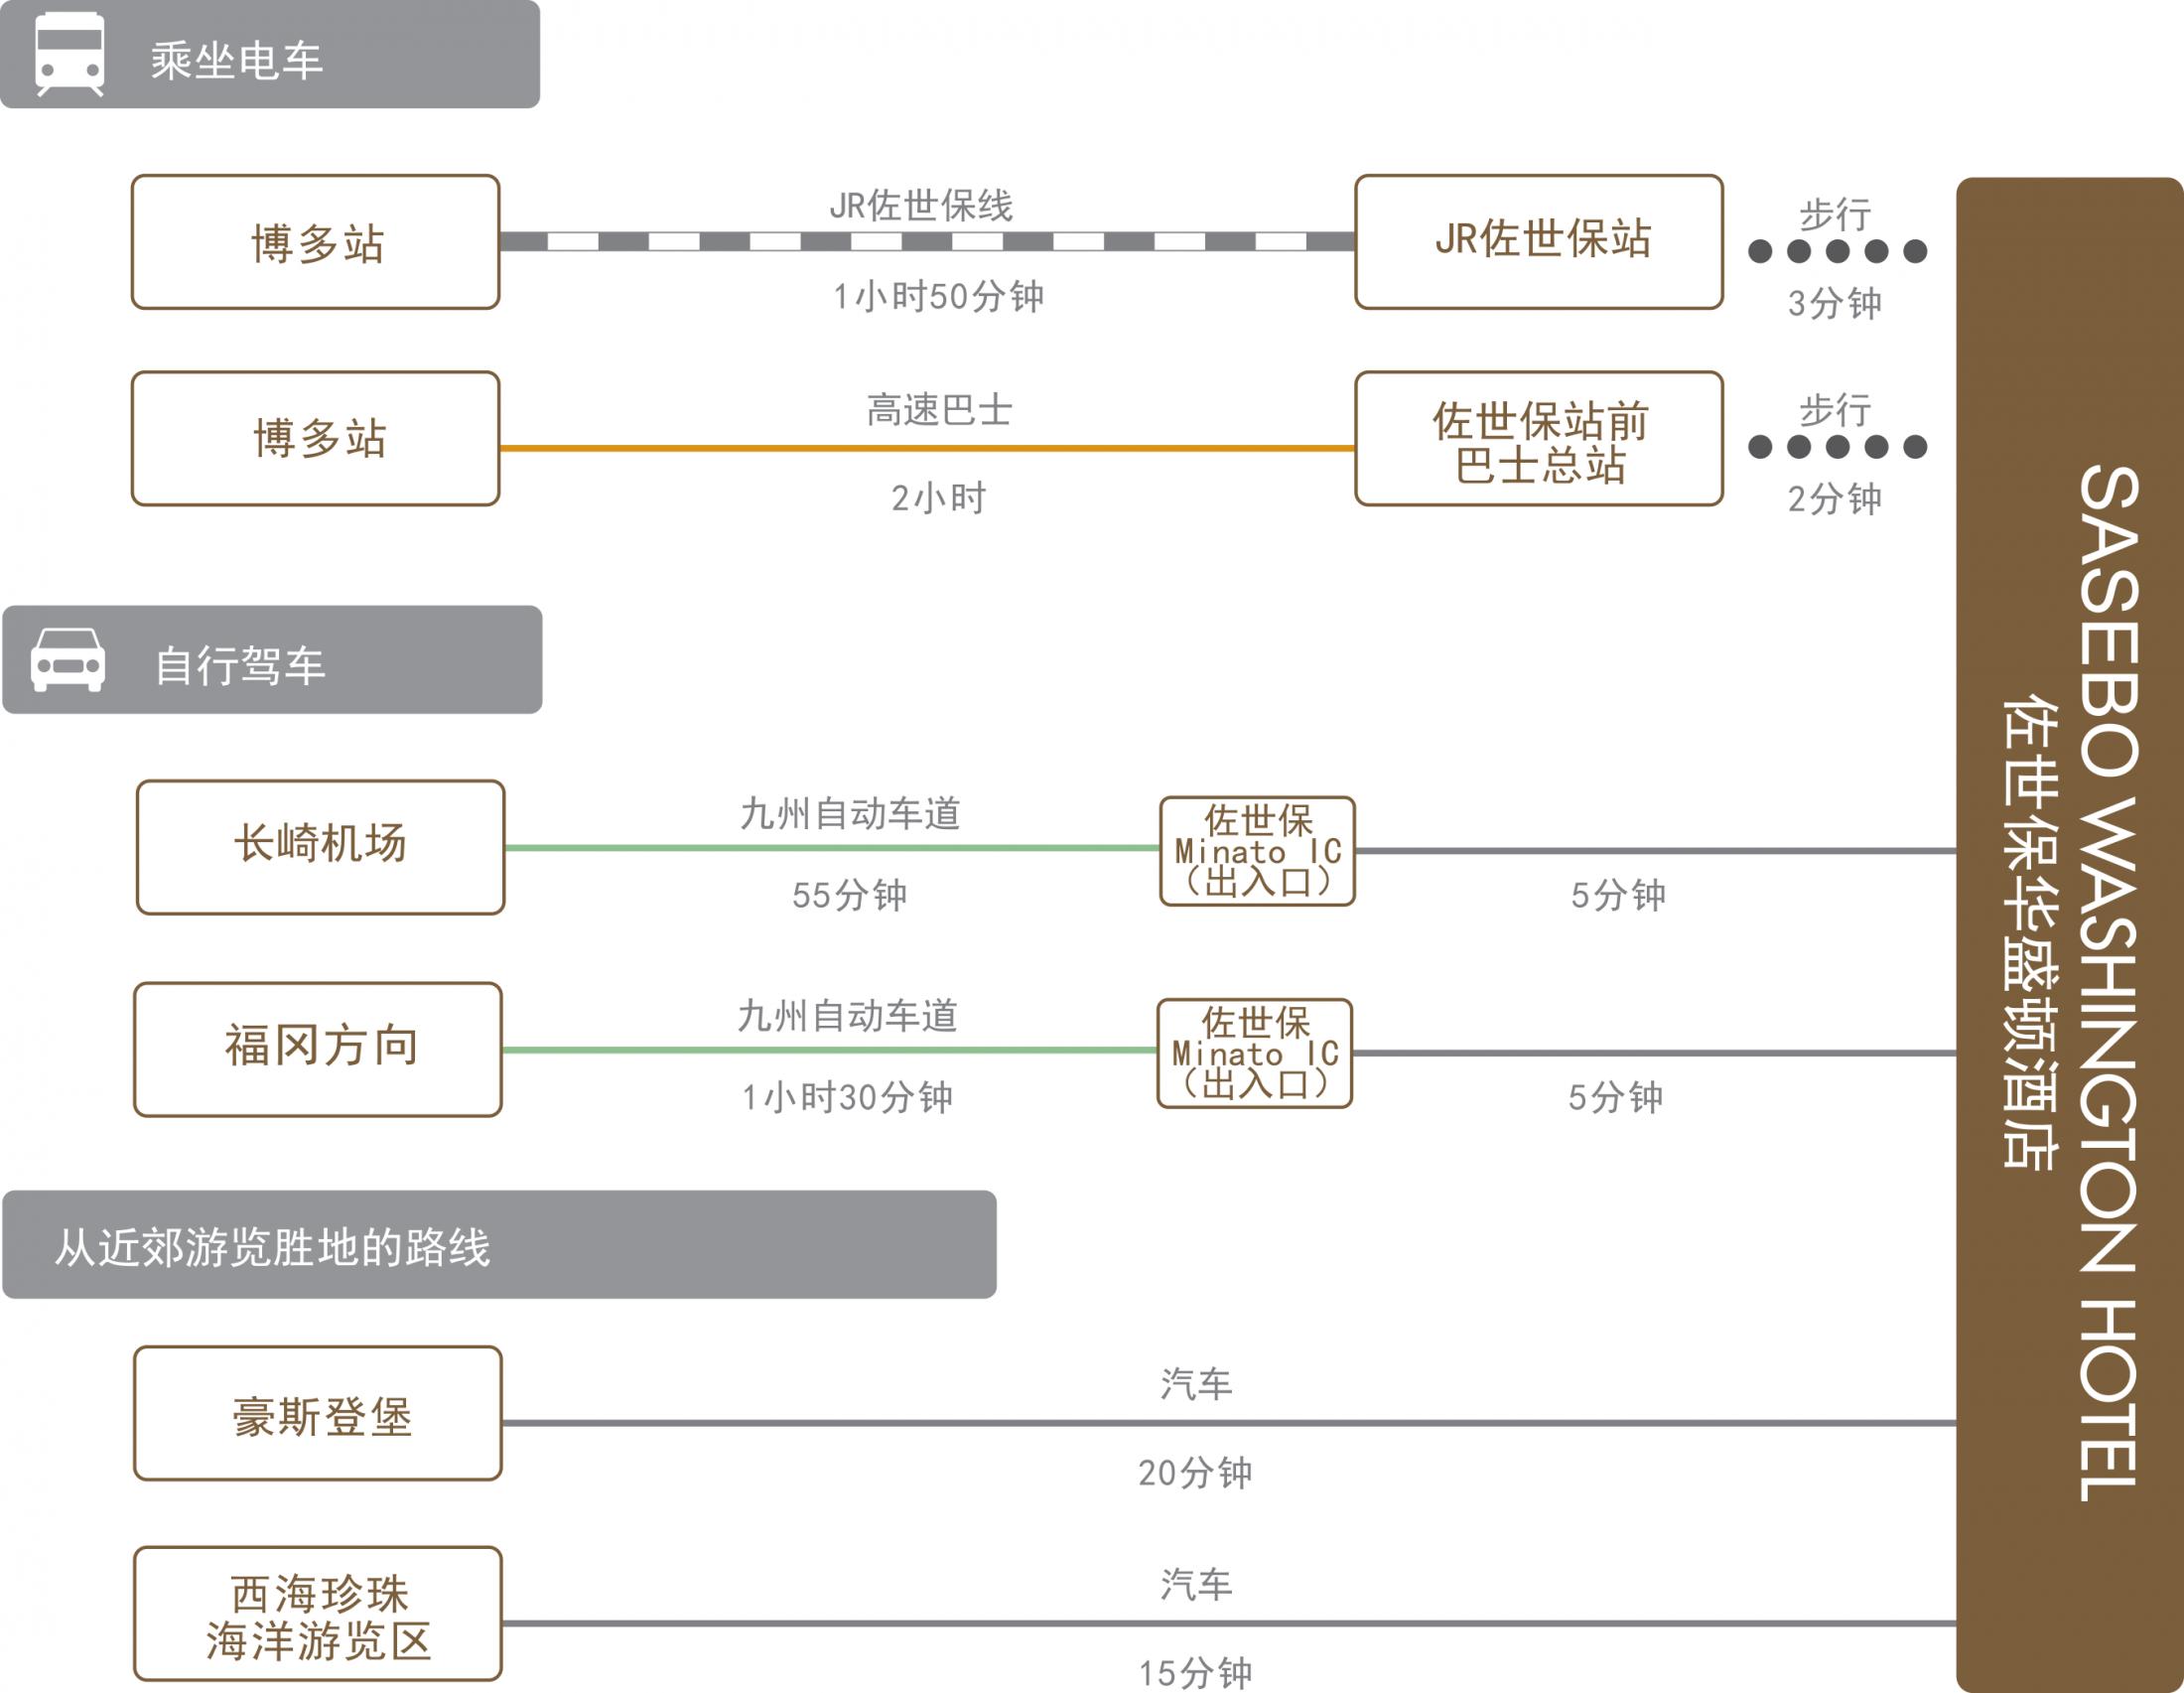 chart_zh-cn_sasebo_wh